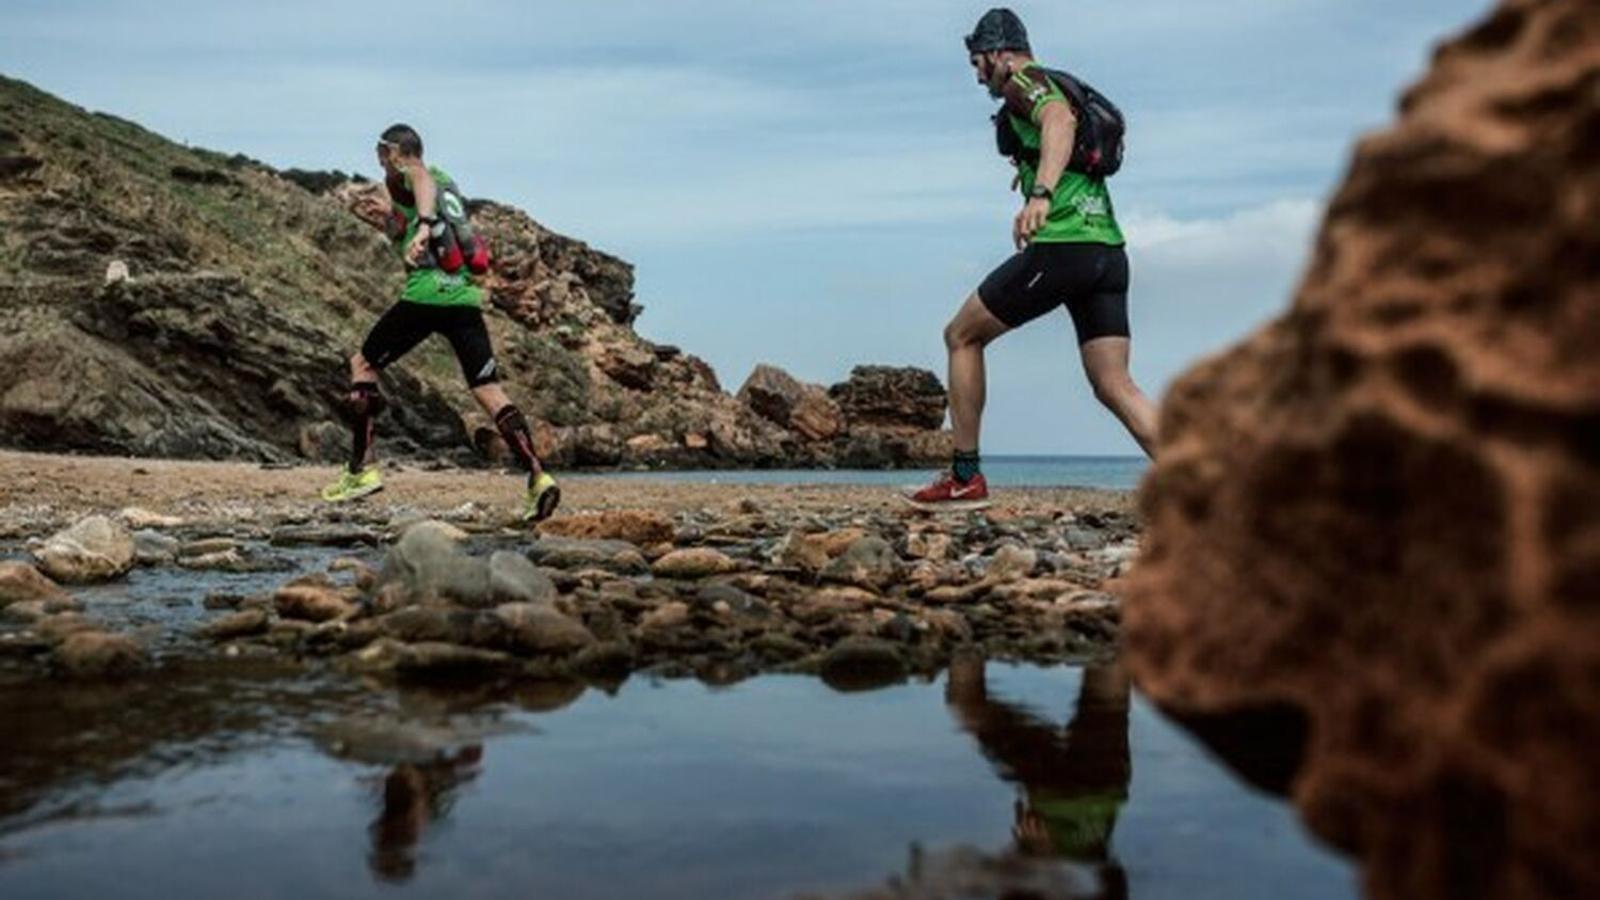 Els menorquins escolliran el seu propi recorregut per a participar en la cursa virtual.